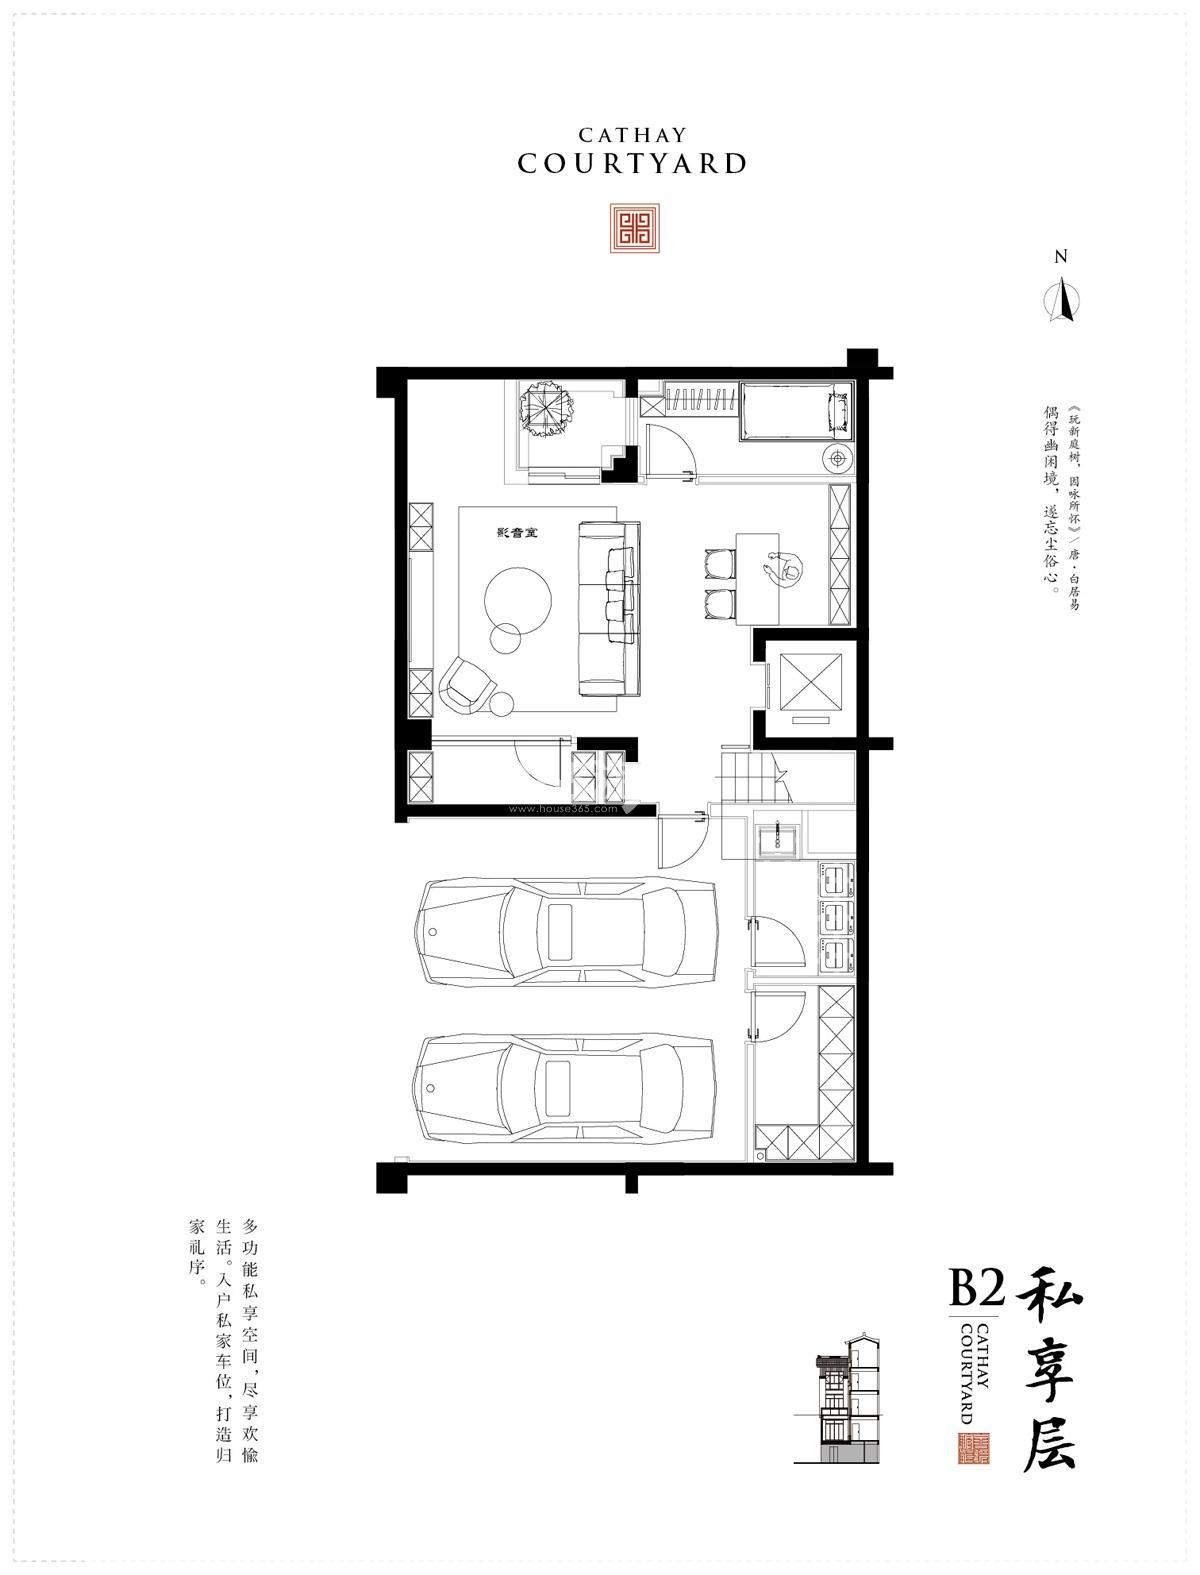 文一泰禾合肥院子别墅370㎡B2户型图